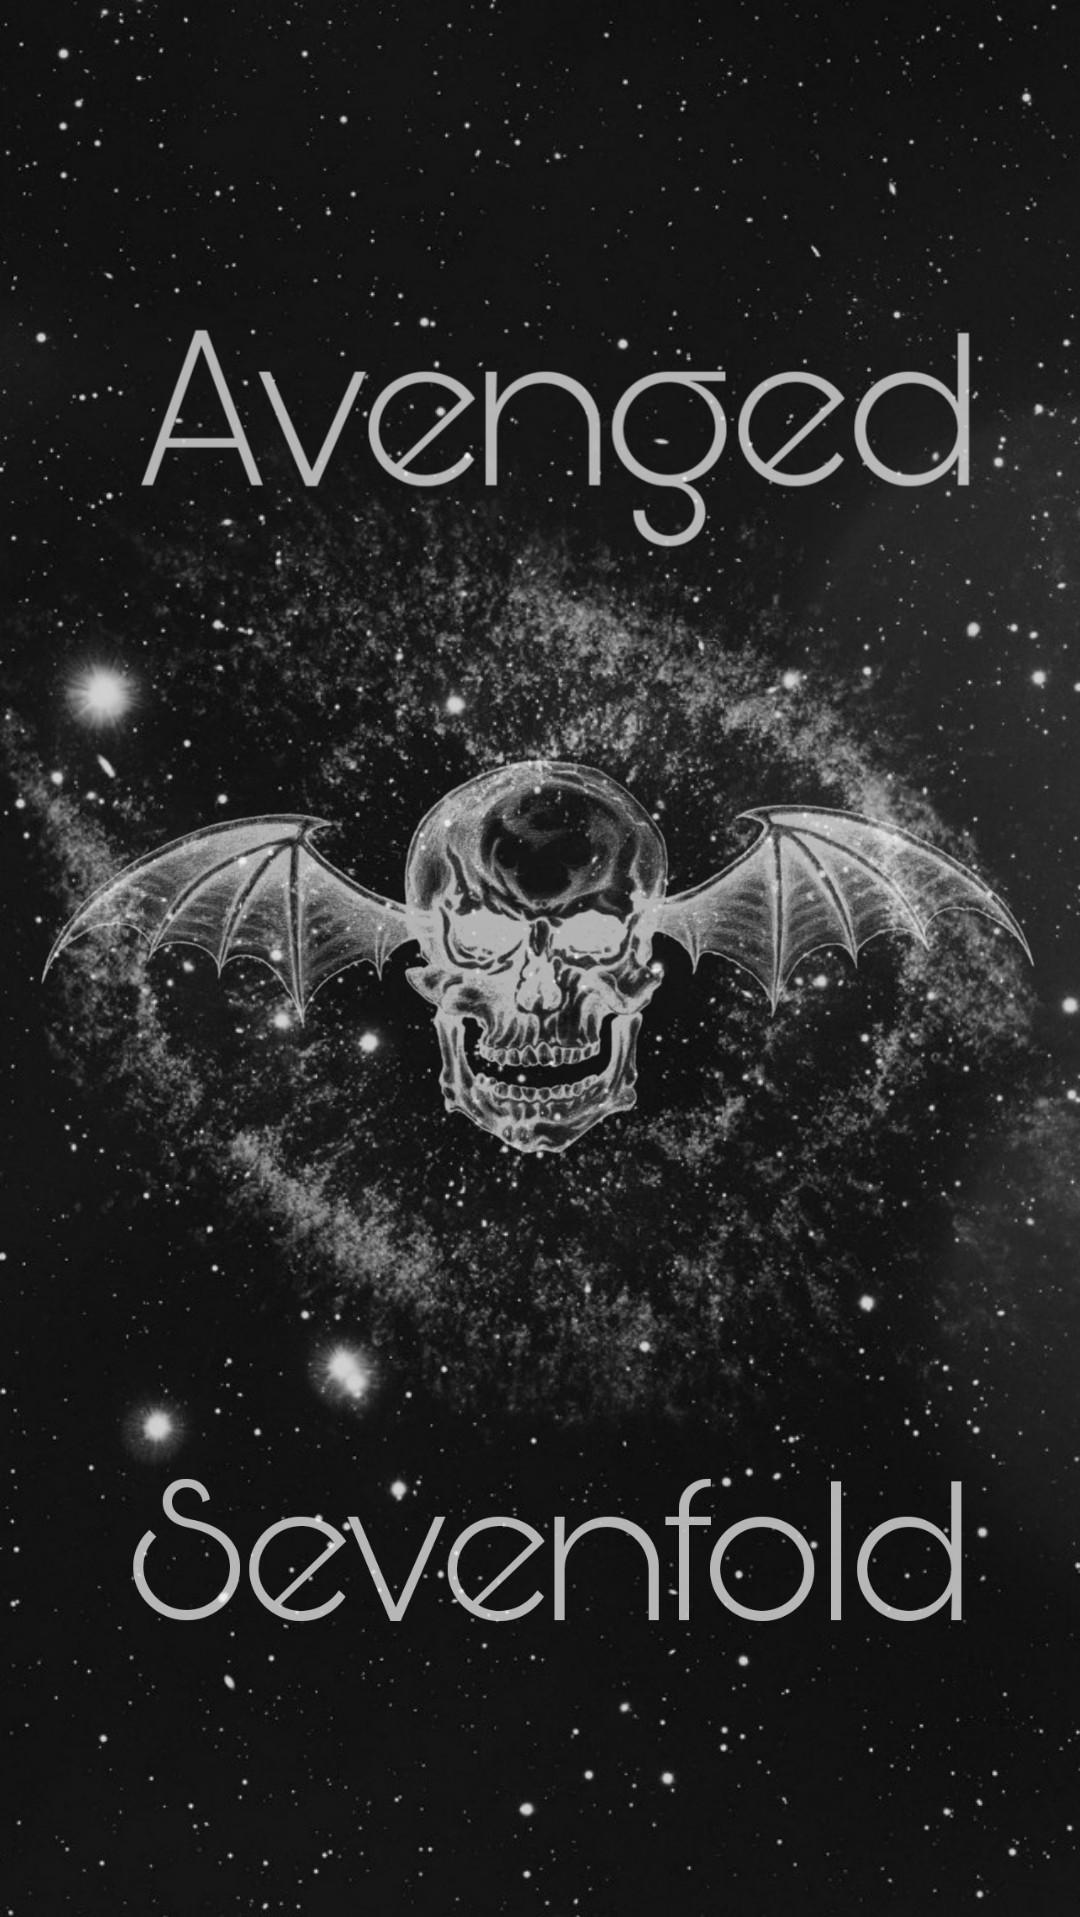 a7x avengedsevenfold avenged sevenfold